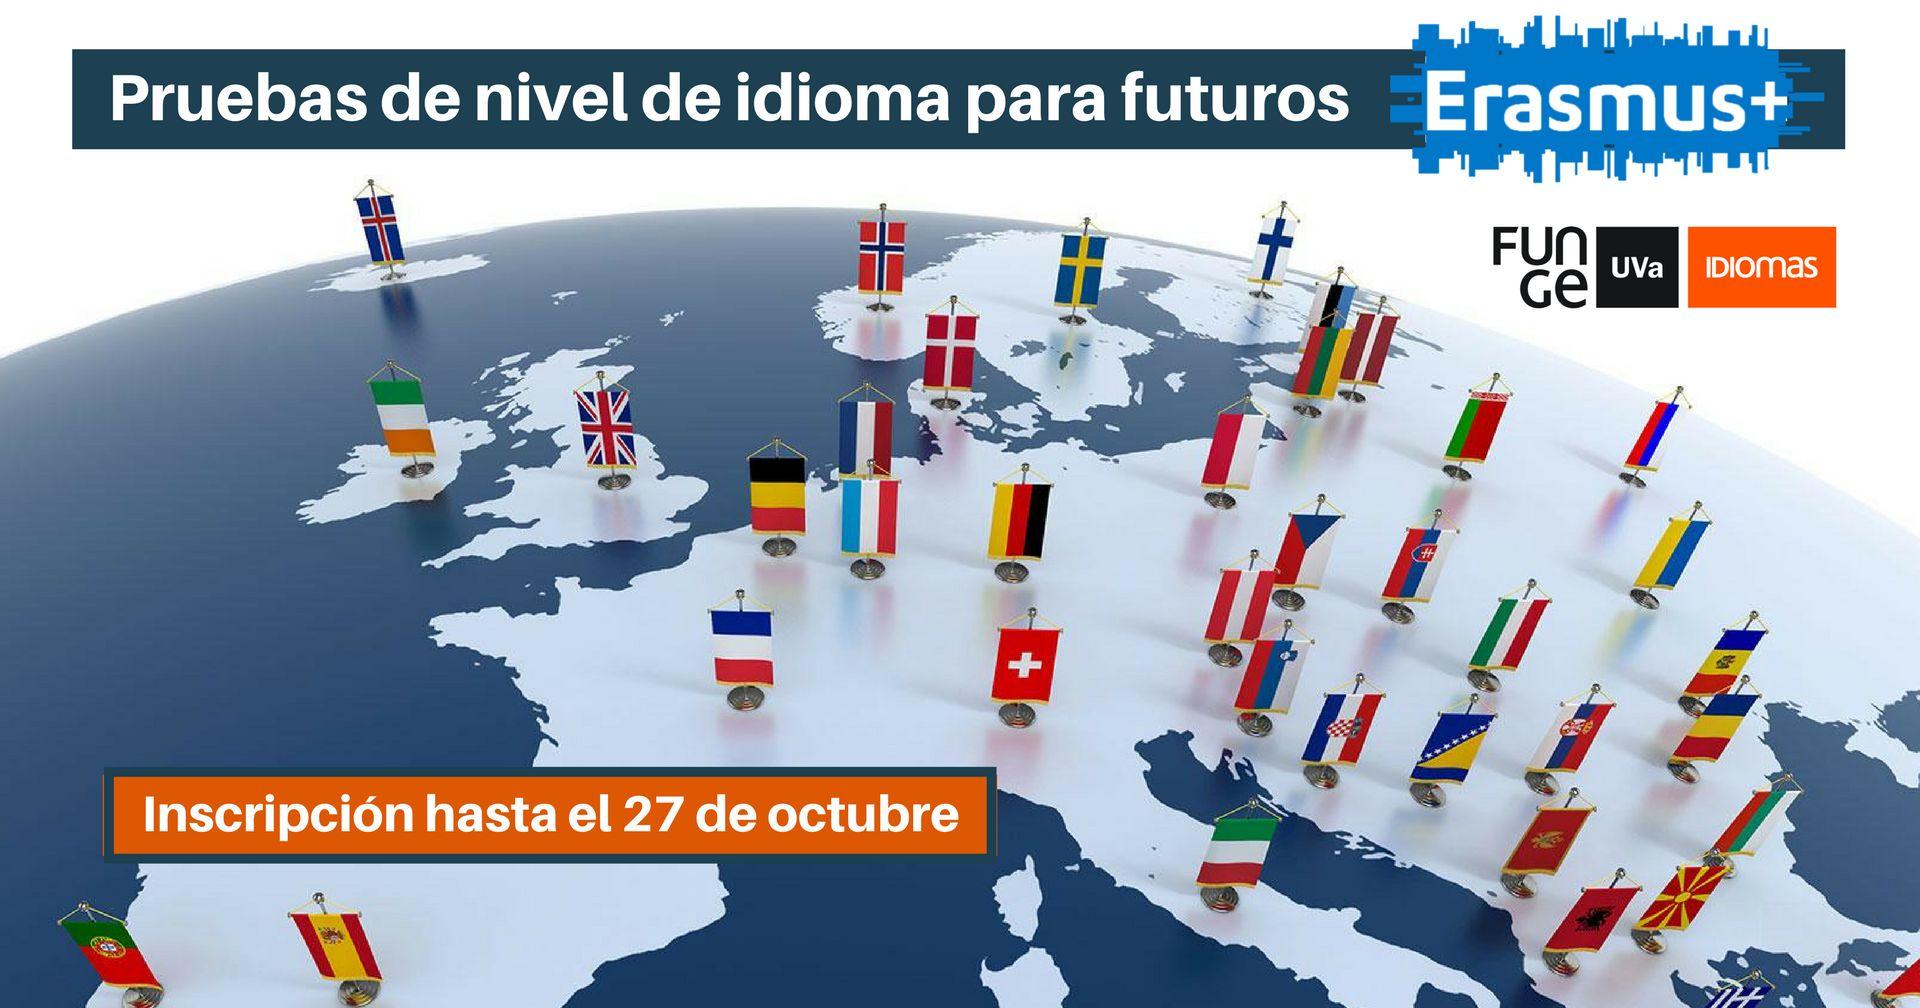 Pruebas de nivel para futuros Erasmus